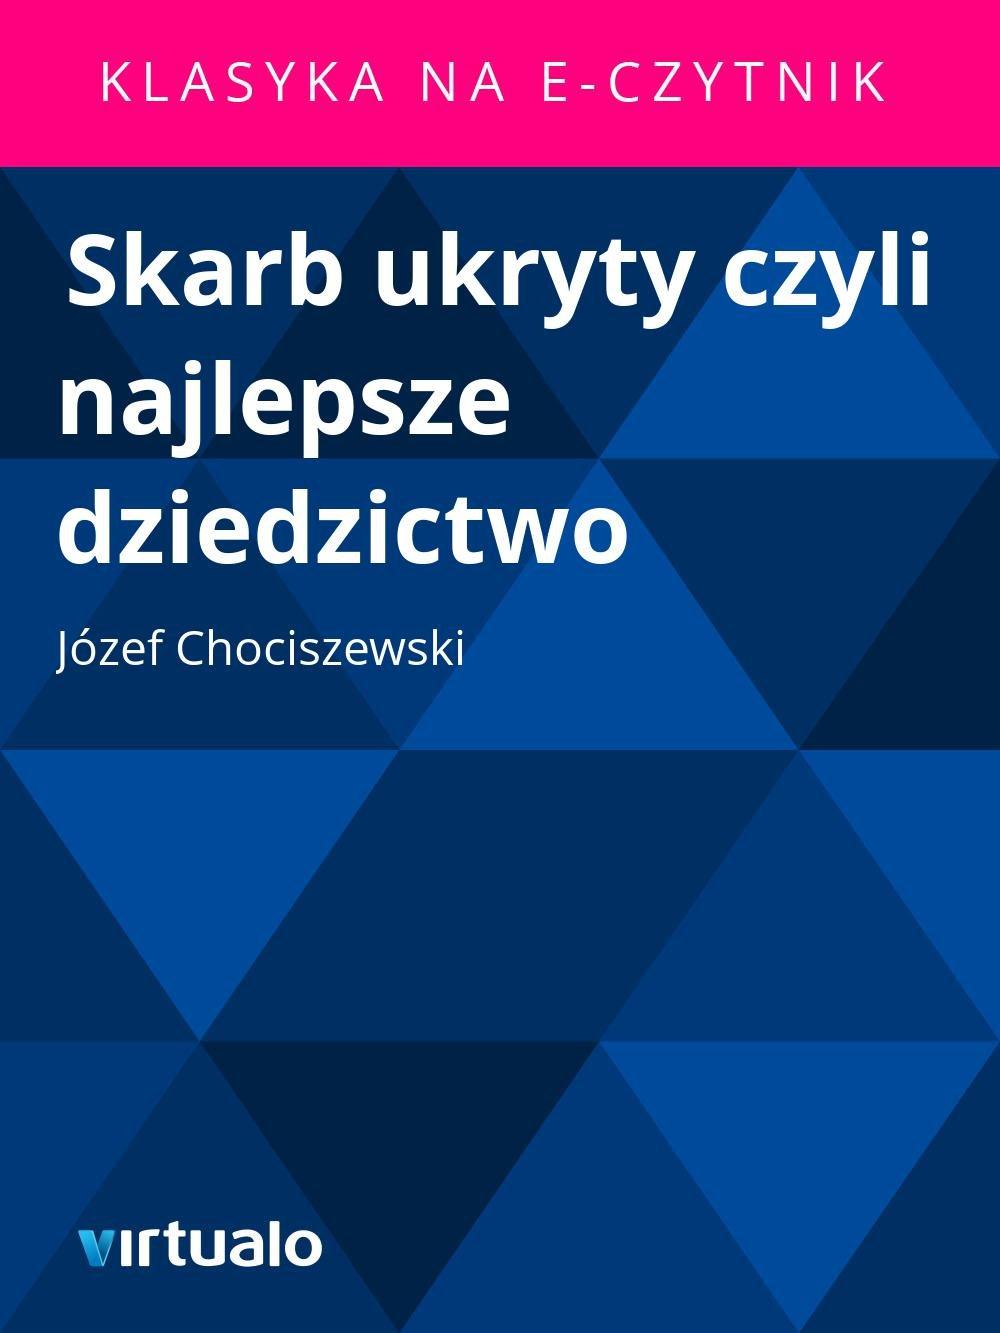 Skarb ukryty czyli najlepsze dziedzictwo - Ebook (Książka EPUB) do pobrania w formacie EPUB